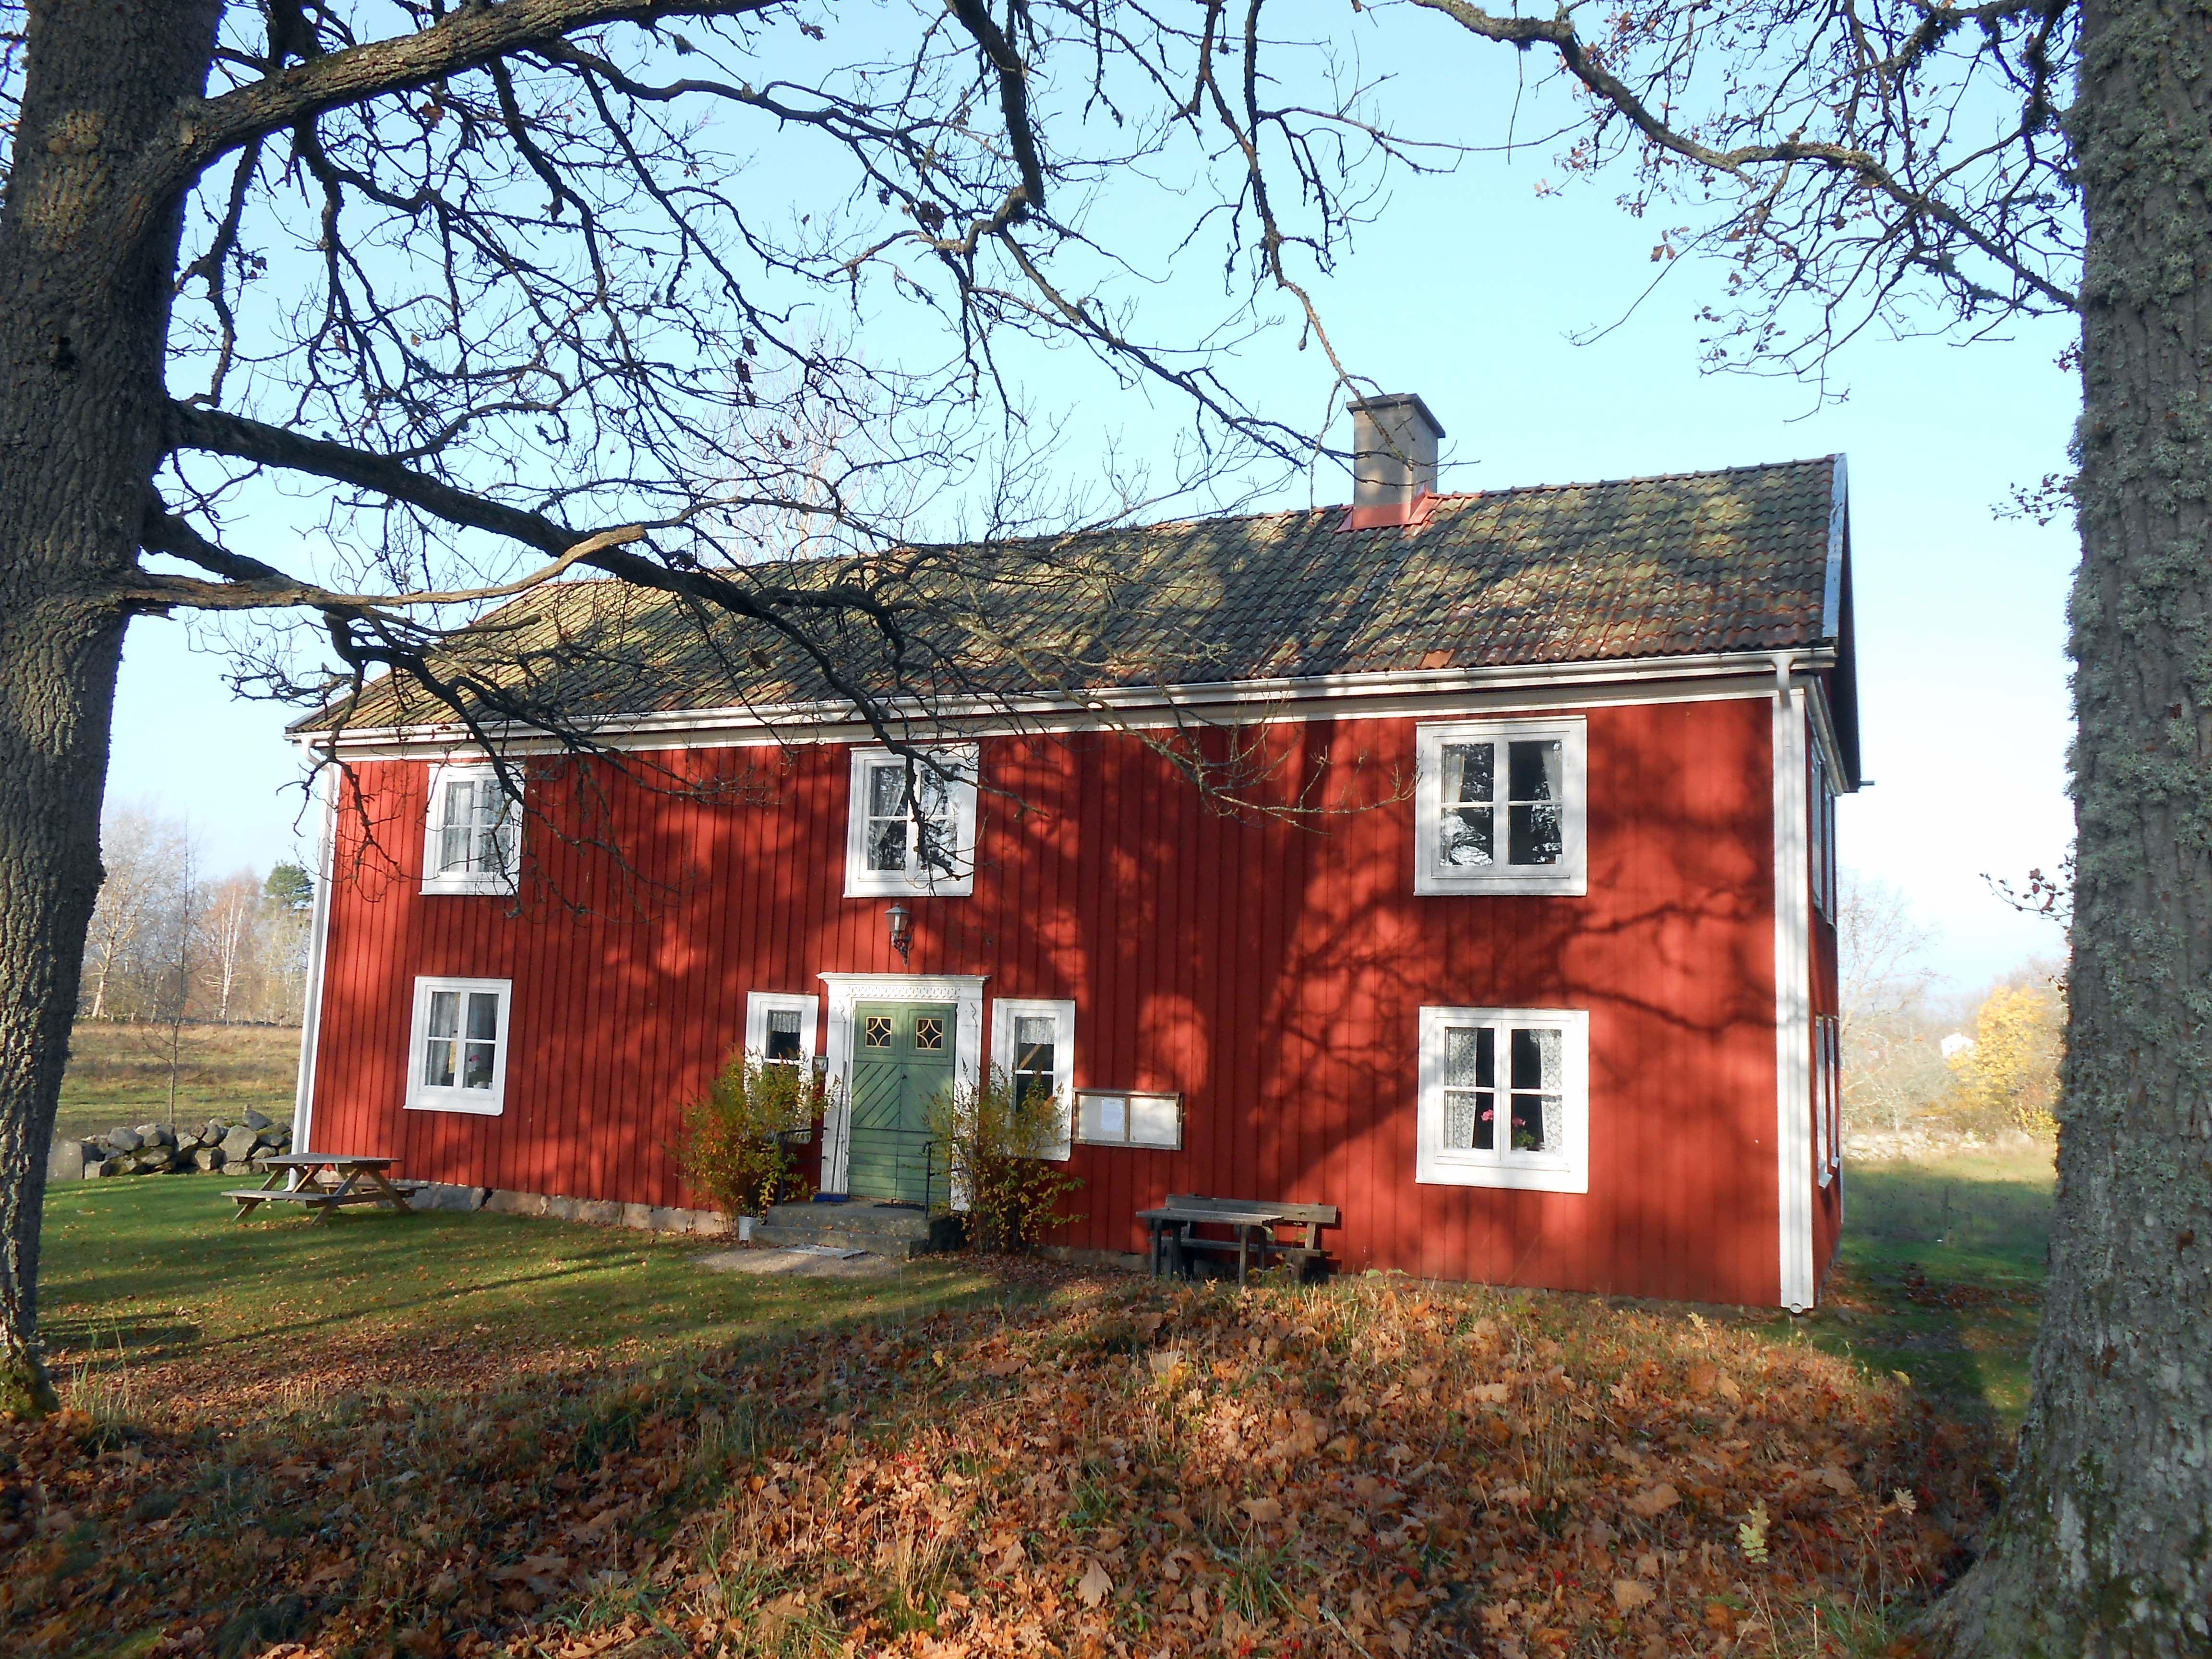 Maria Soneson,  © Maria Soneson, Hembygdsgård